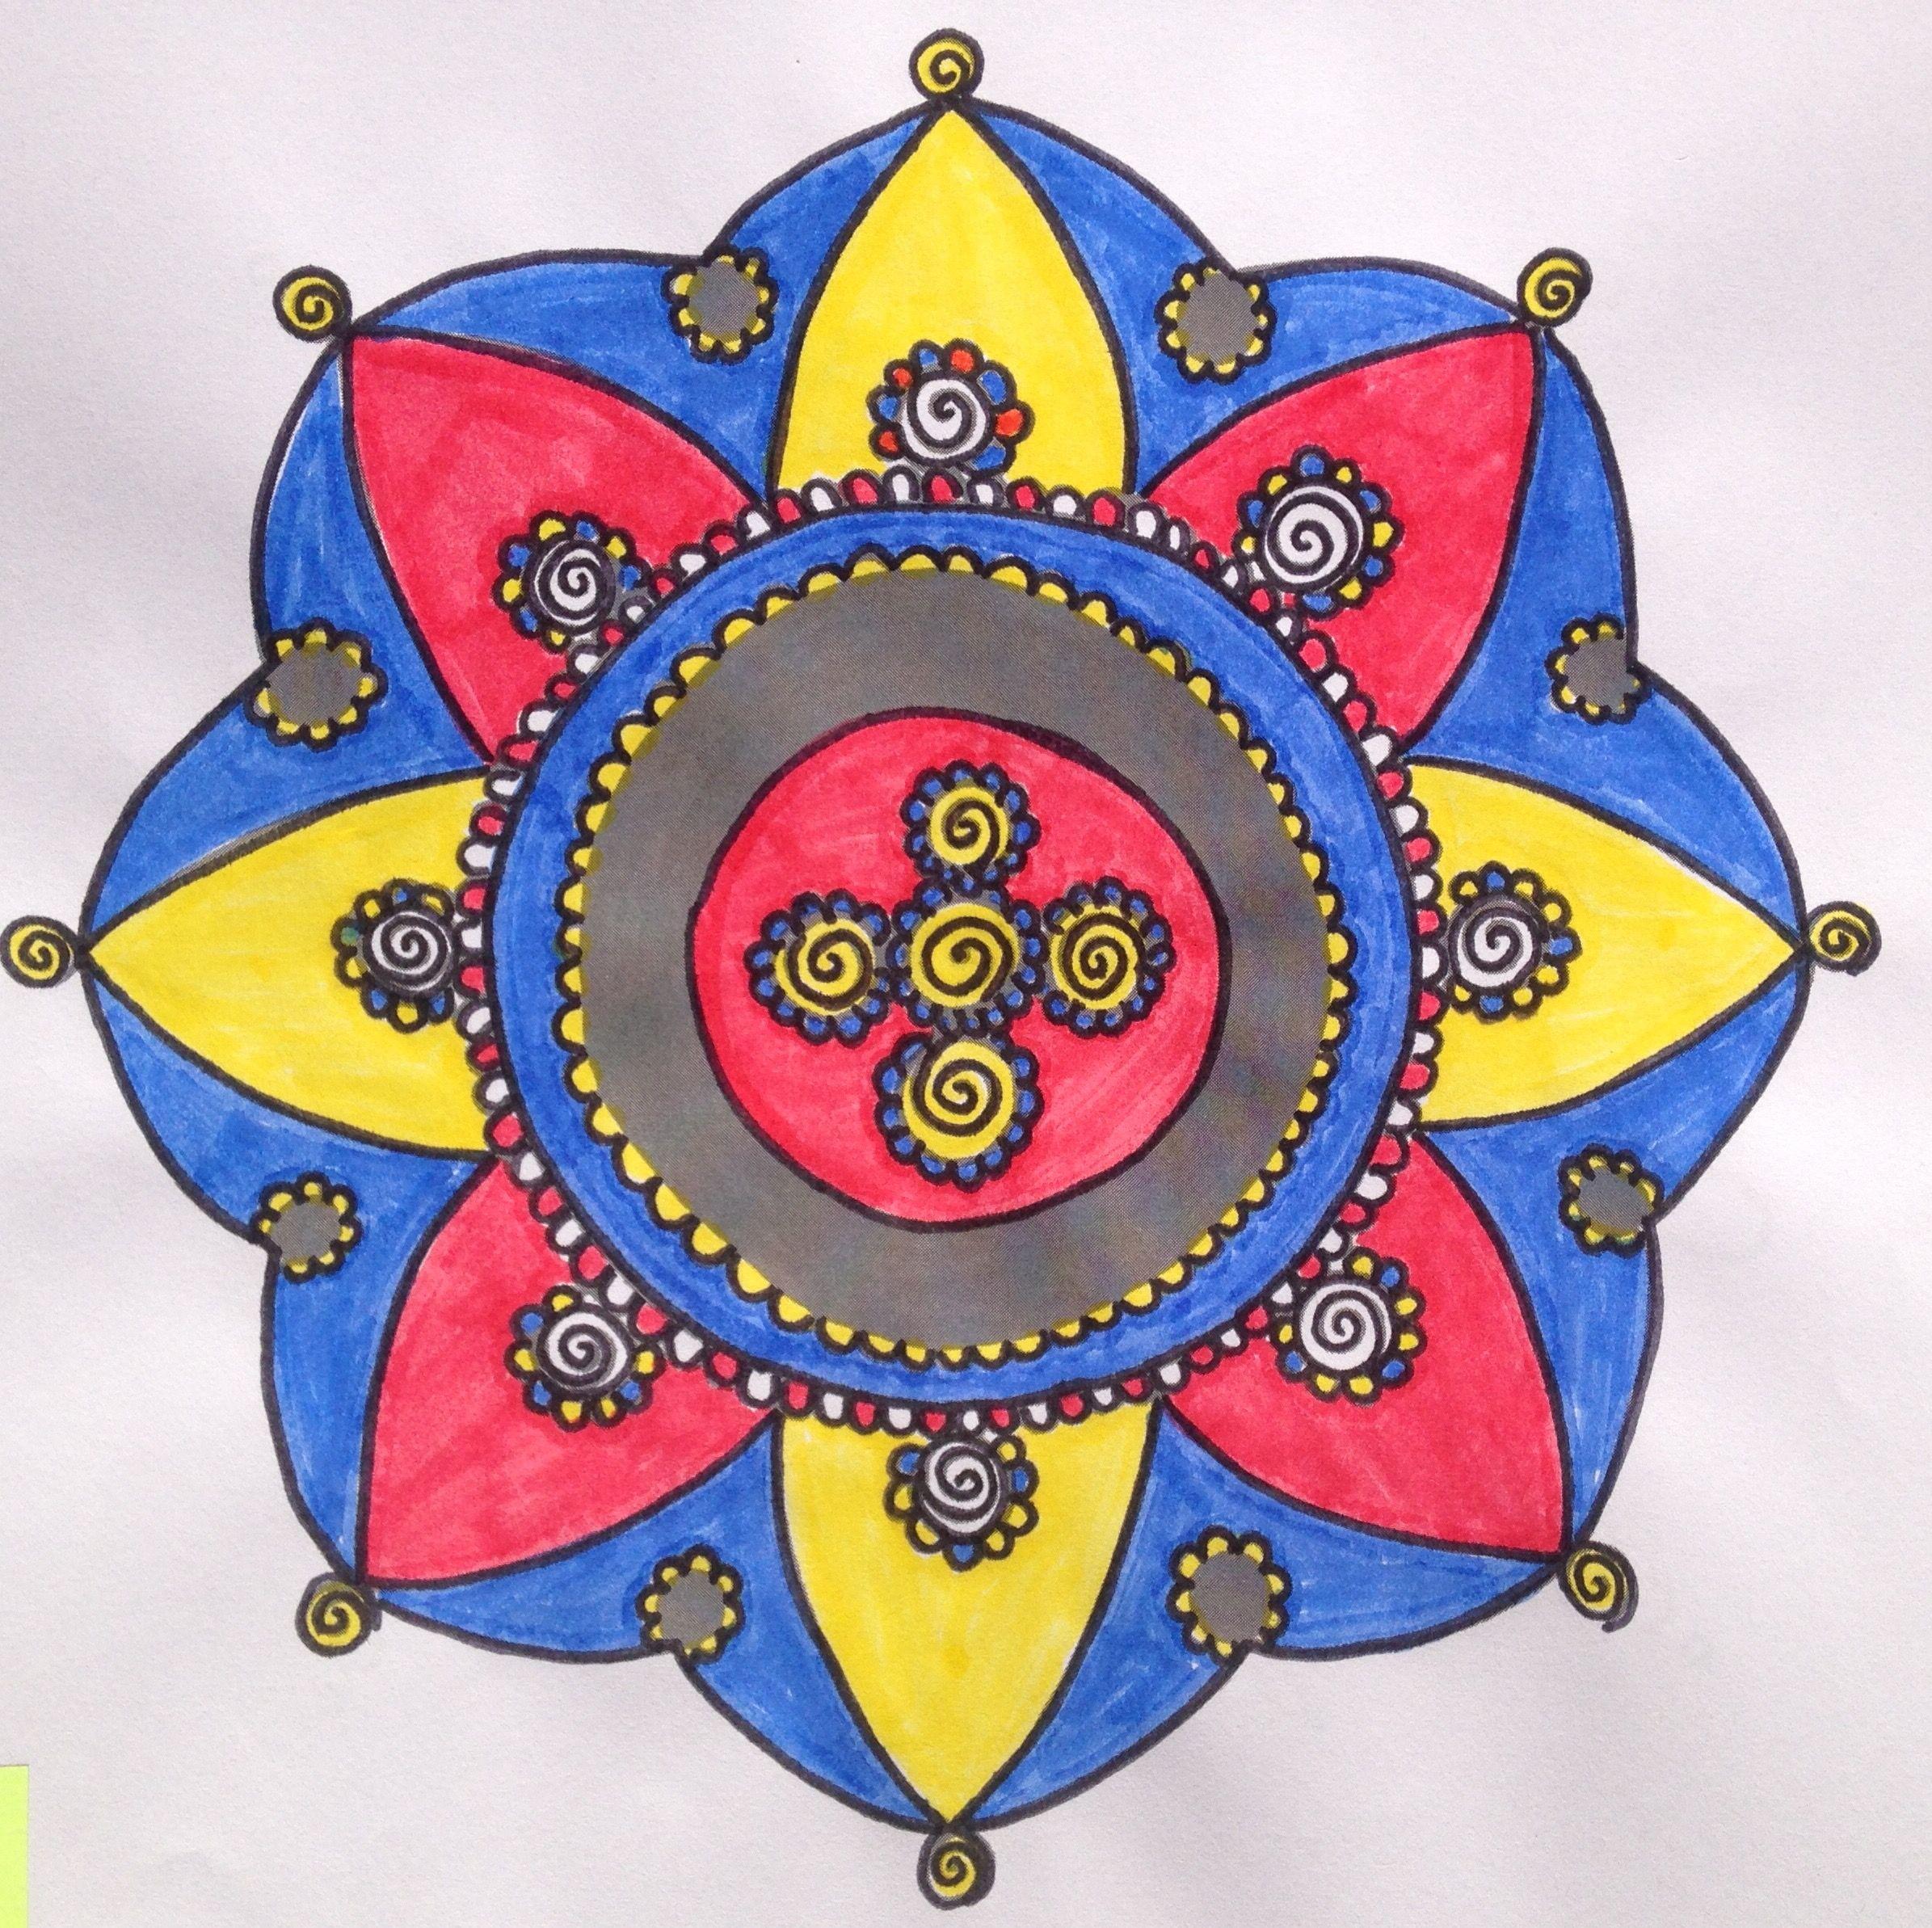 Colores Primarios Rojo Amarillo Y Azul Amarillo Y Azul Colores Primarios Unas Azules